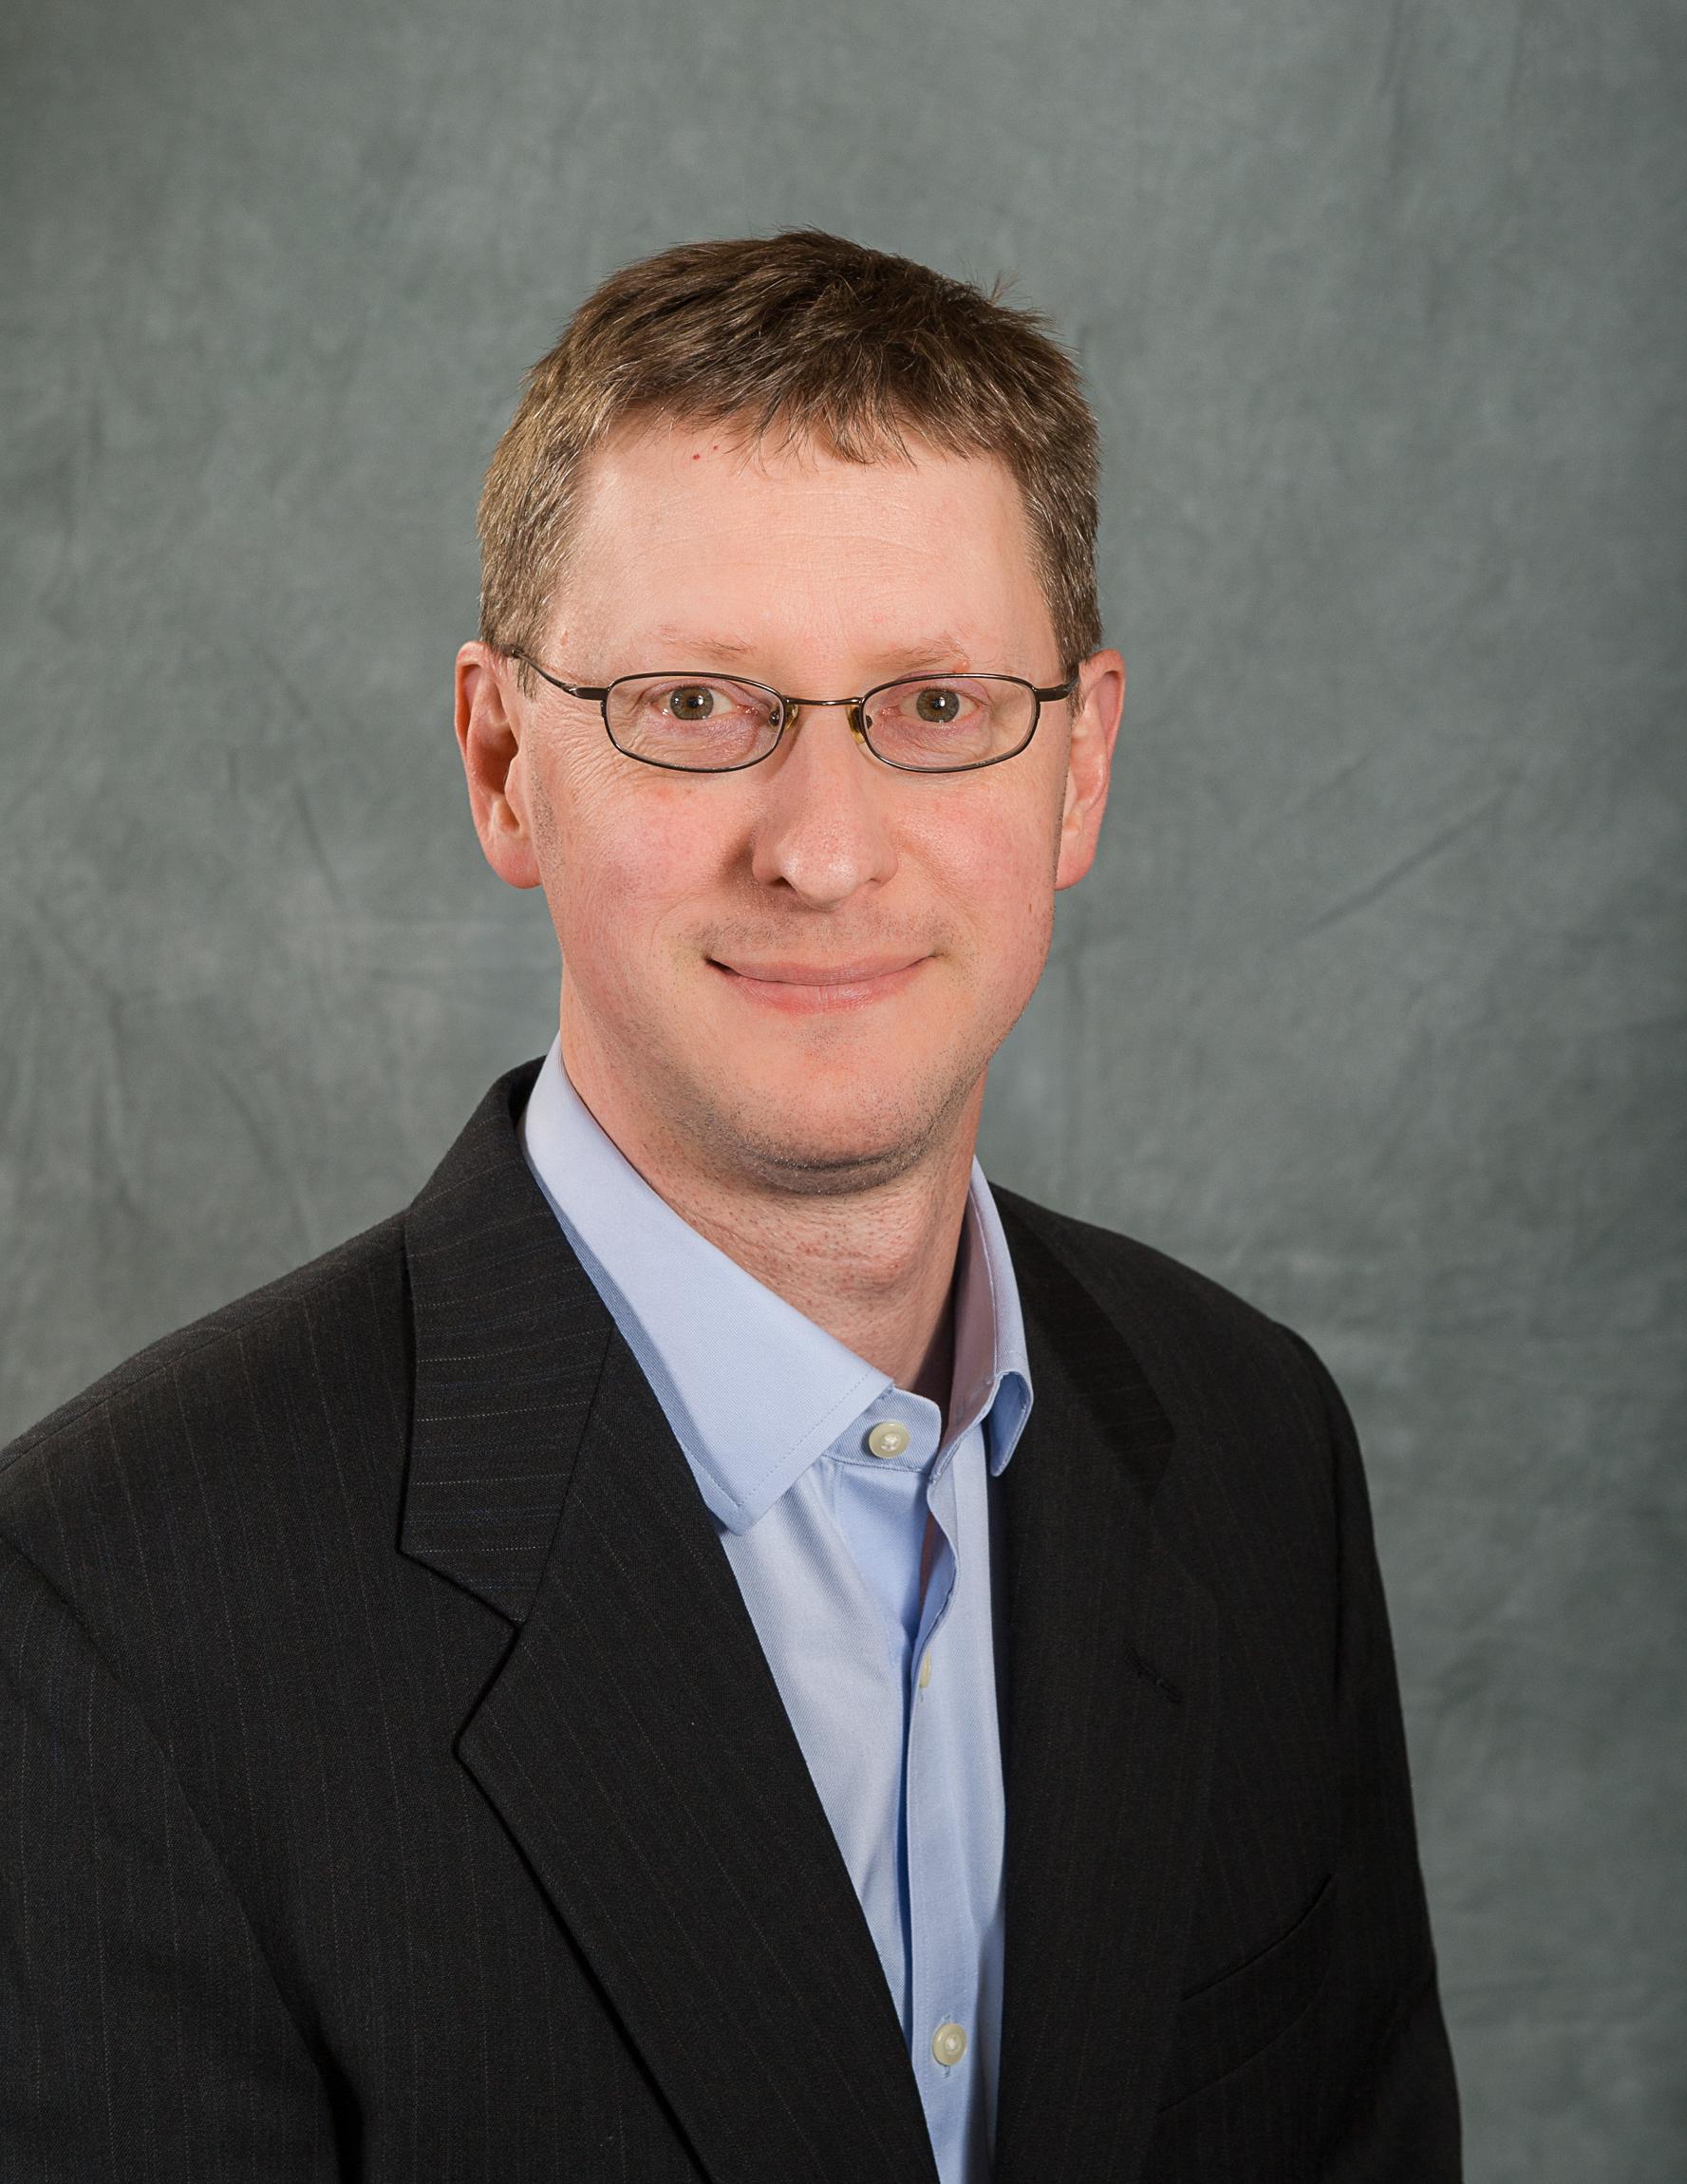 James D. Crandall, M.D.